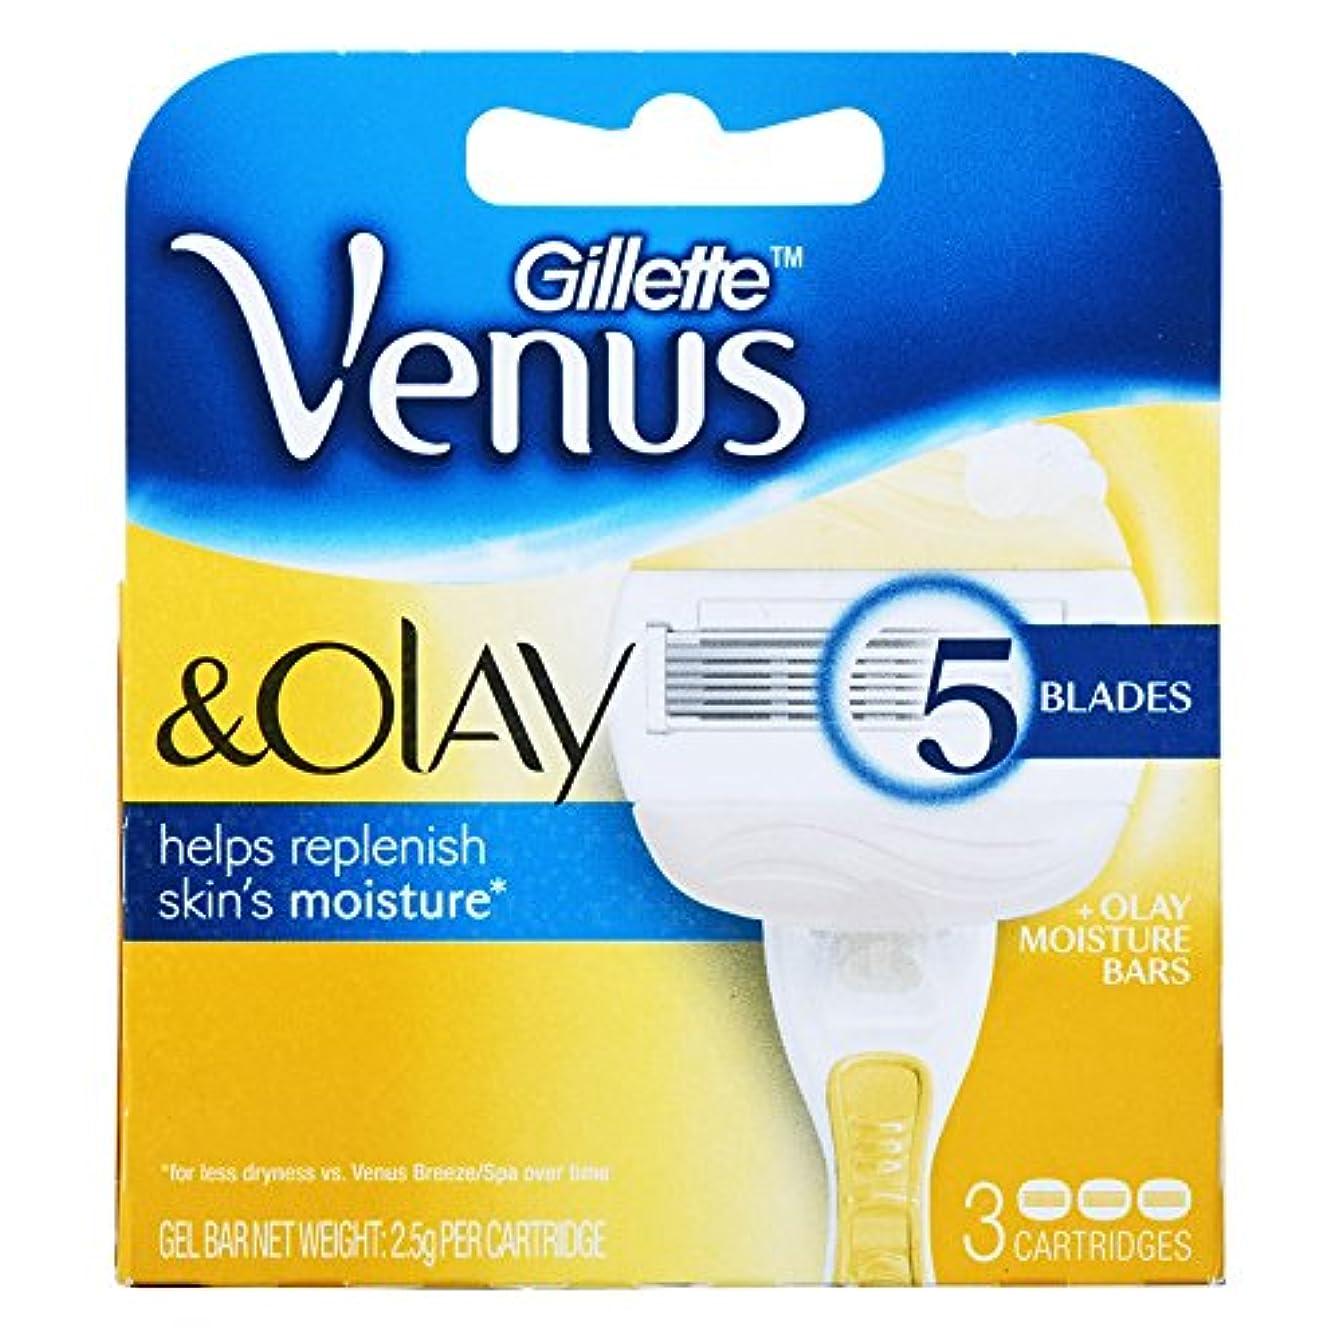 自然起こるスタックGillette Venus Olay Razor Blades カートリッジブレード 3 Pcs [並行輸入品]